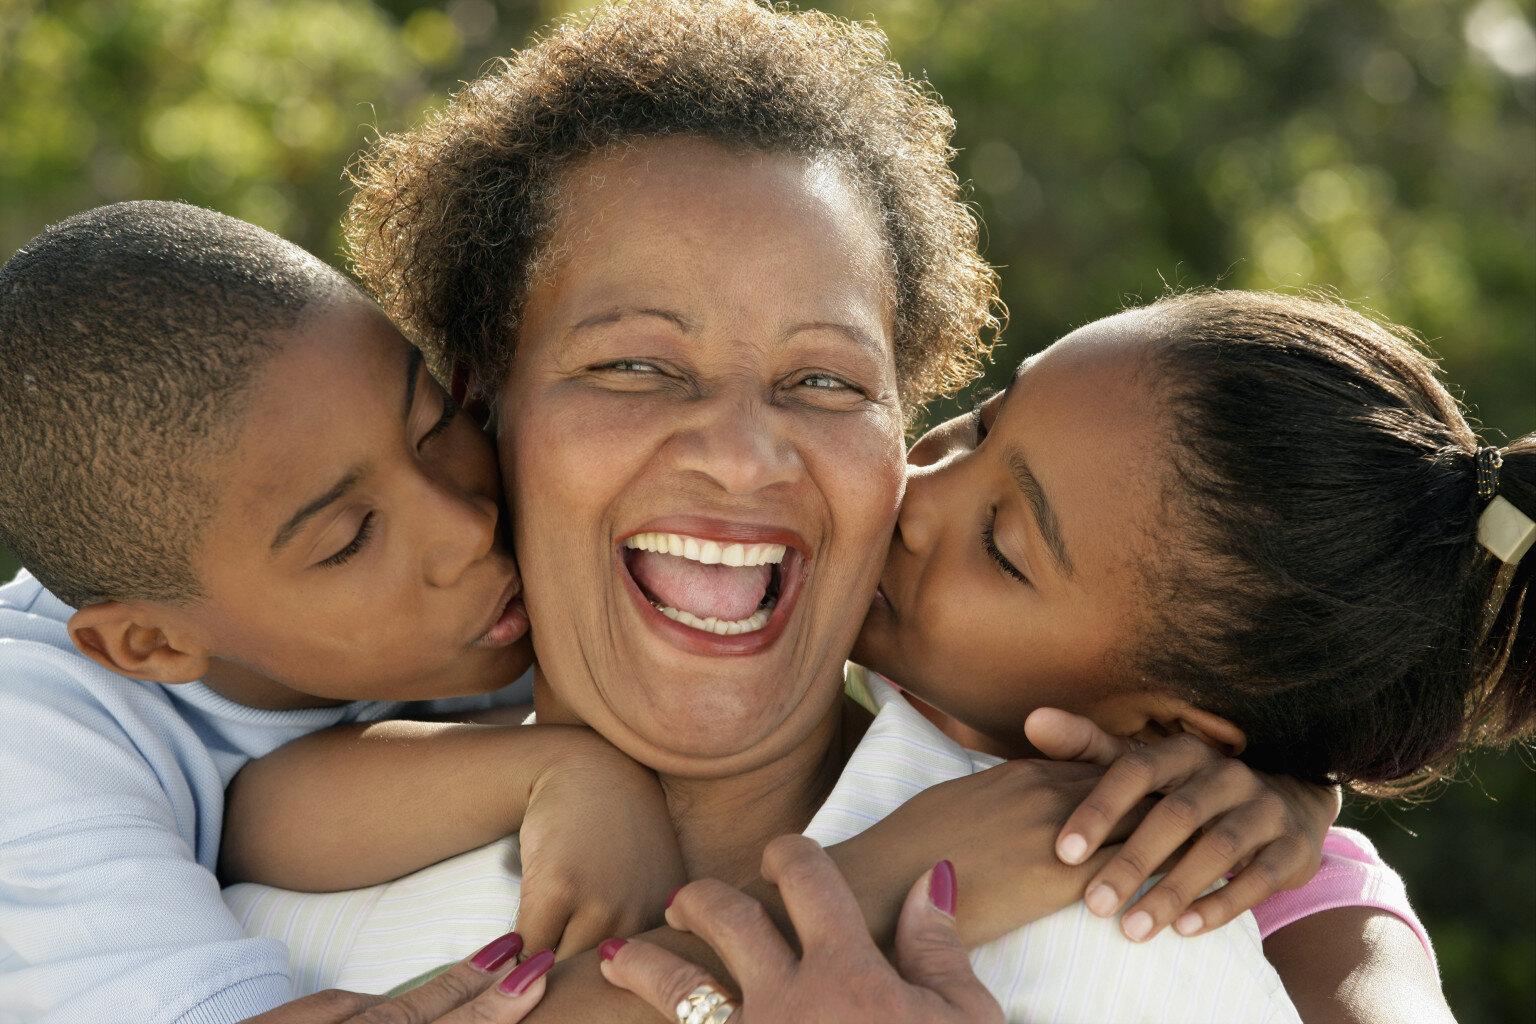 ricongiungimento familiare genitori extracomunitari